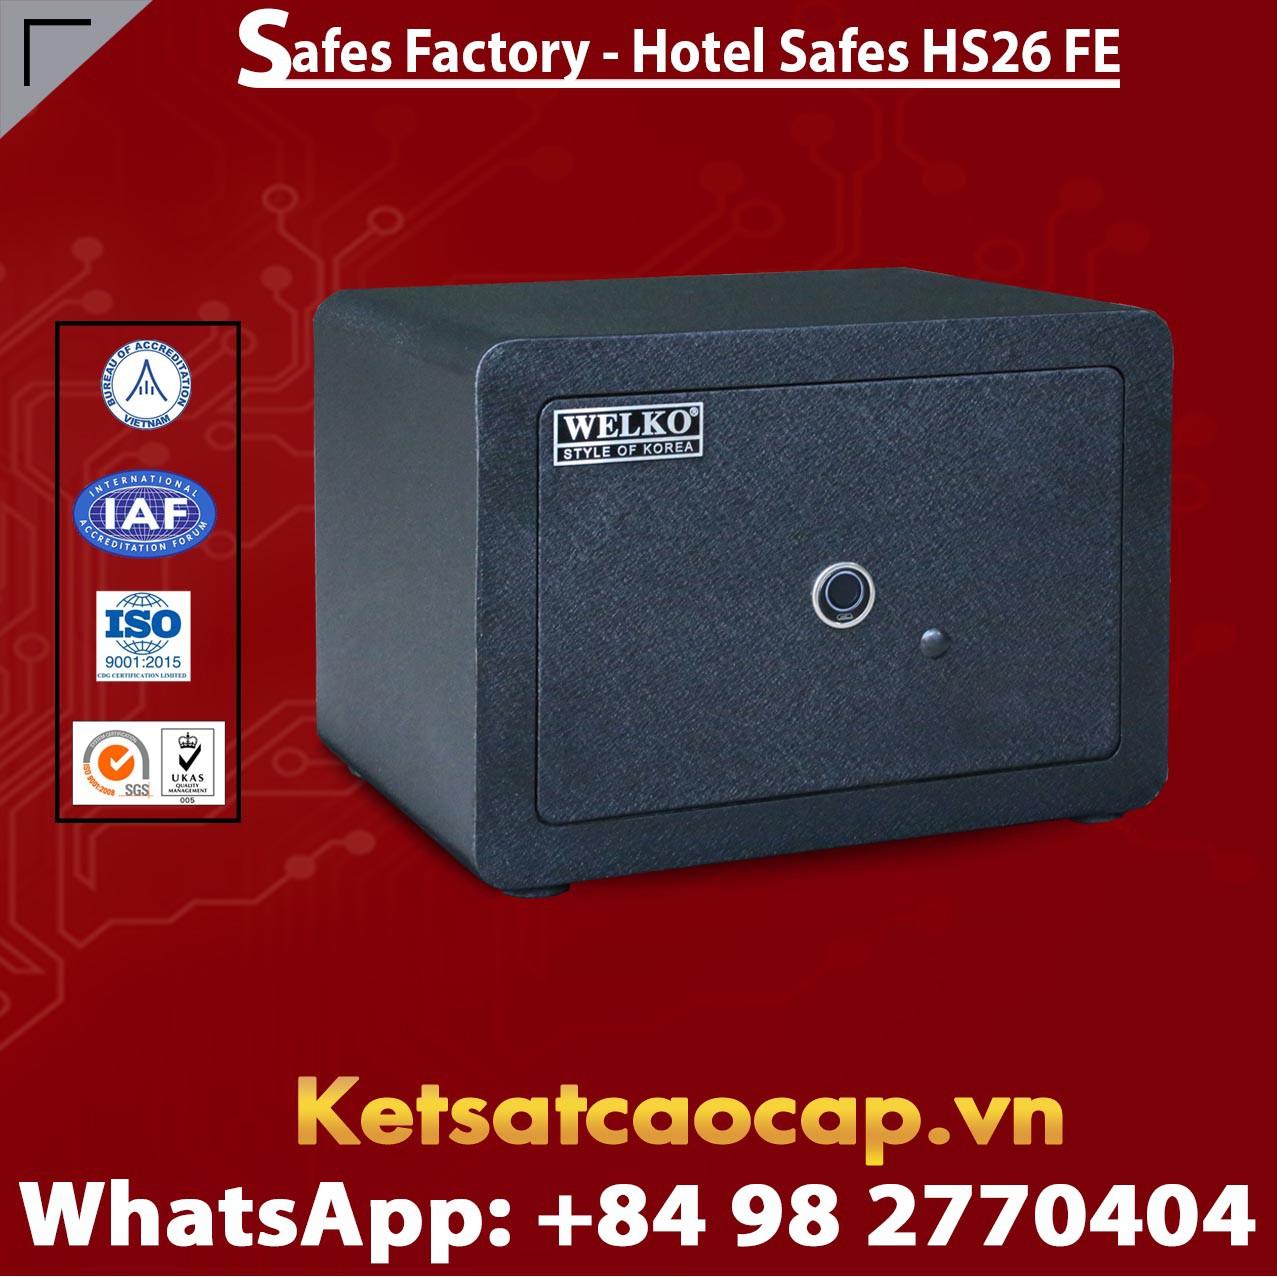 Hotel Safes  WELKO HS26 FE